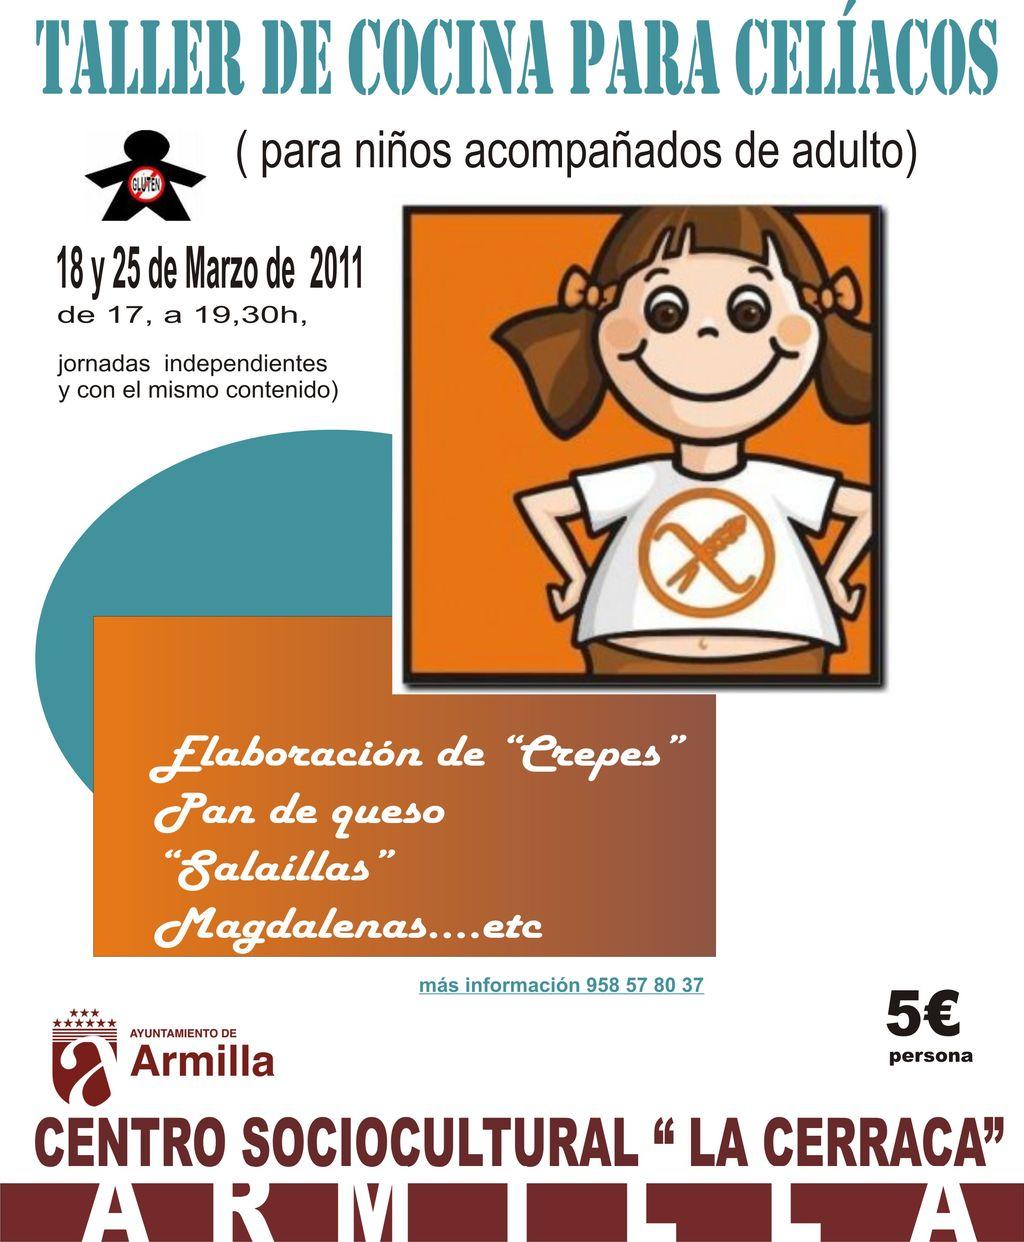 Agenda cultural de armilla marzo 2011 - Carteles de cocina ...